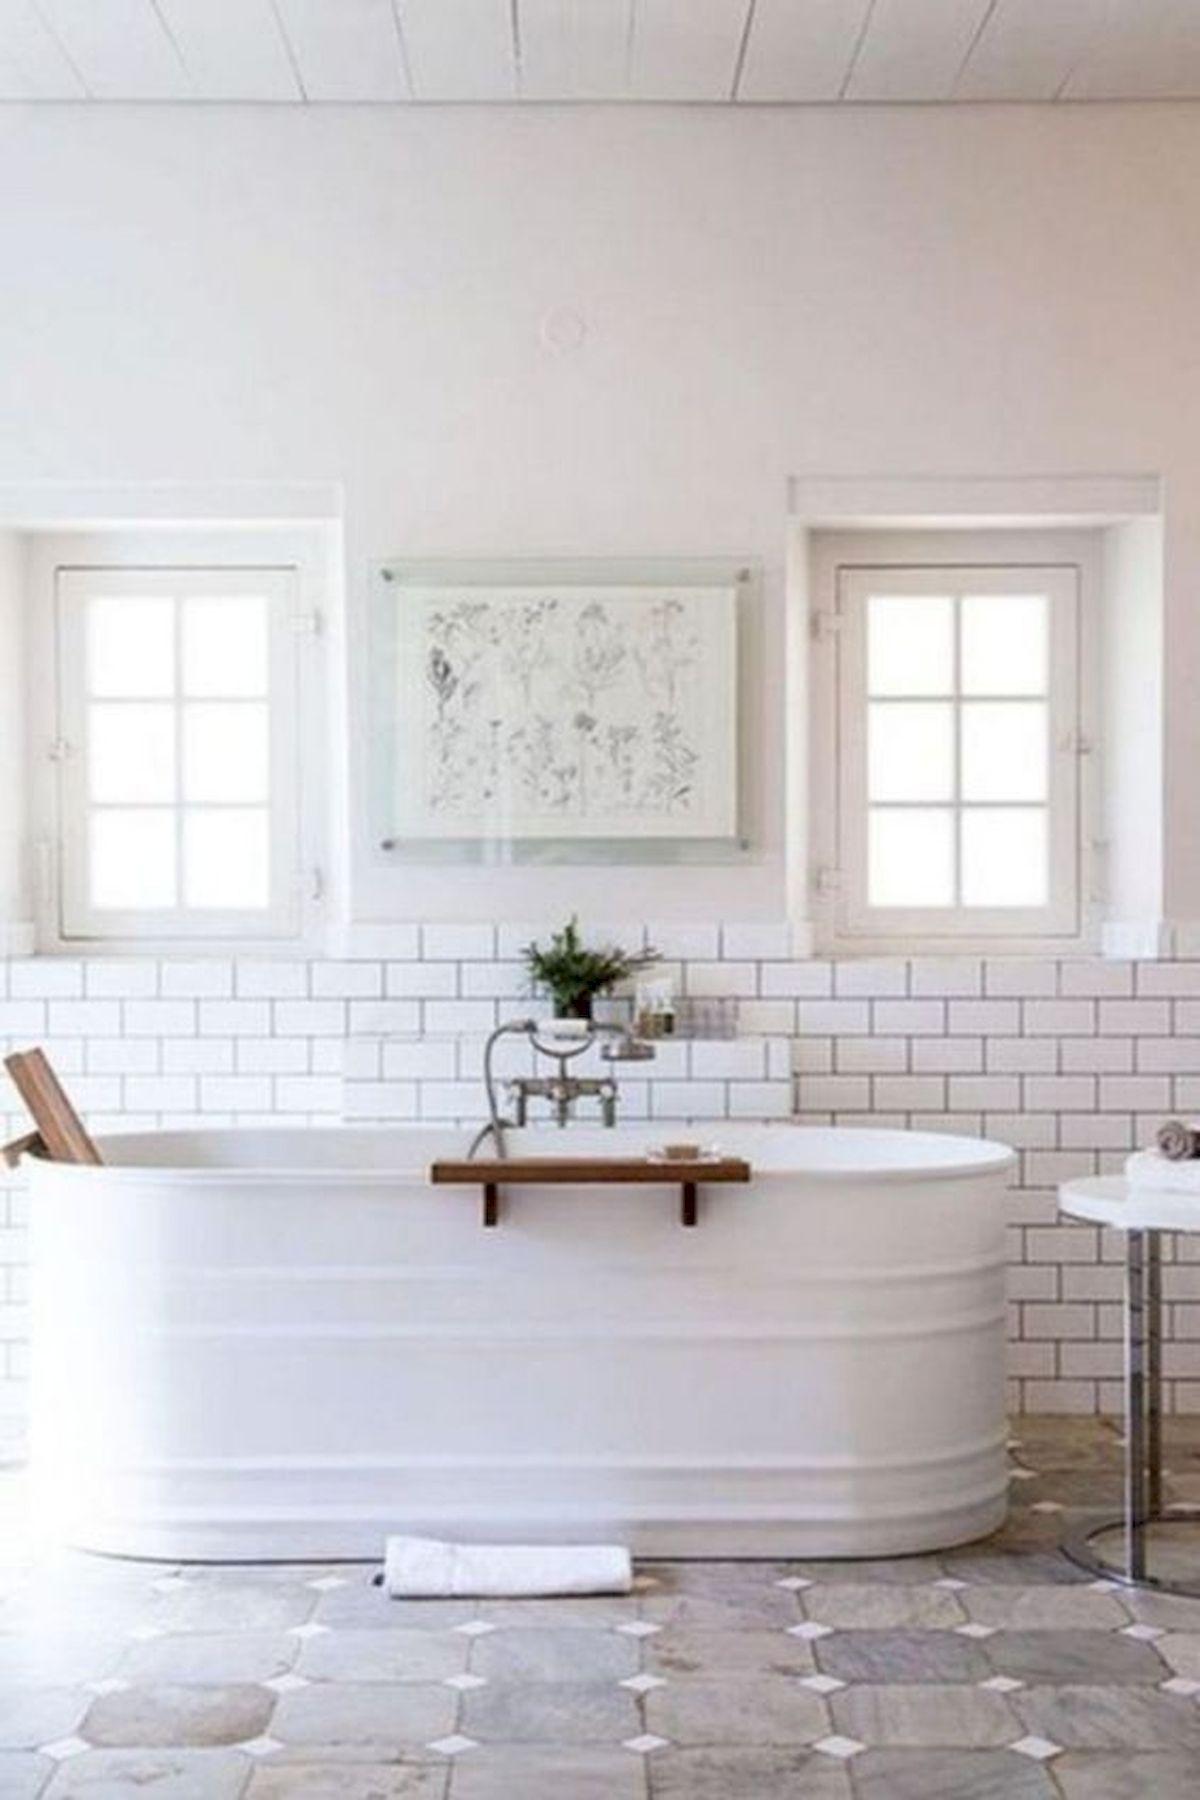 50 Awesome Modern Farmhouse Bathroom Remodel Ideas (4)